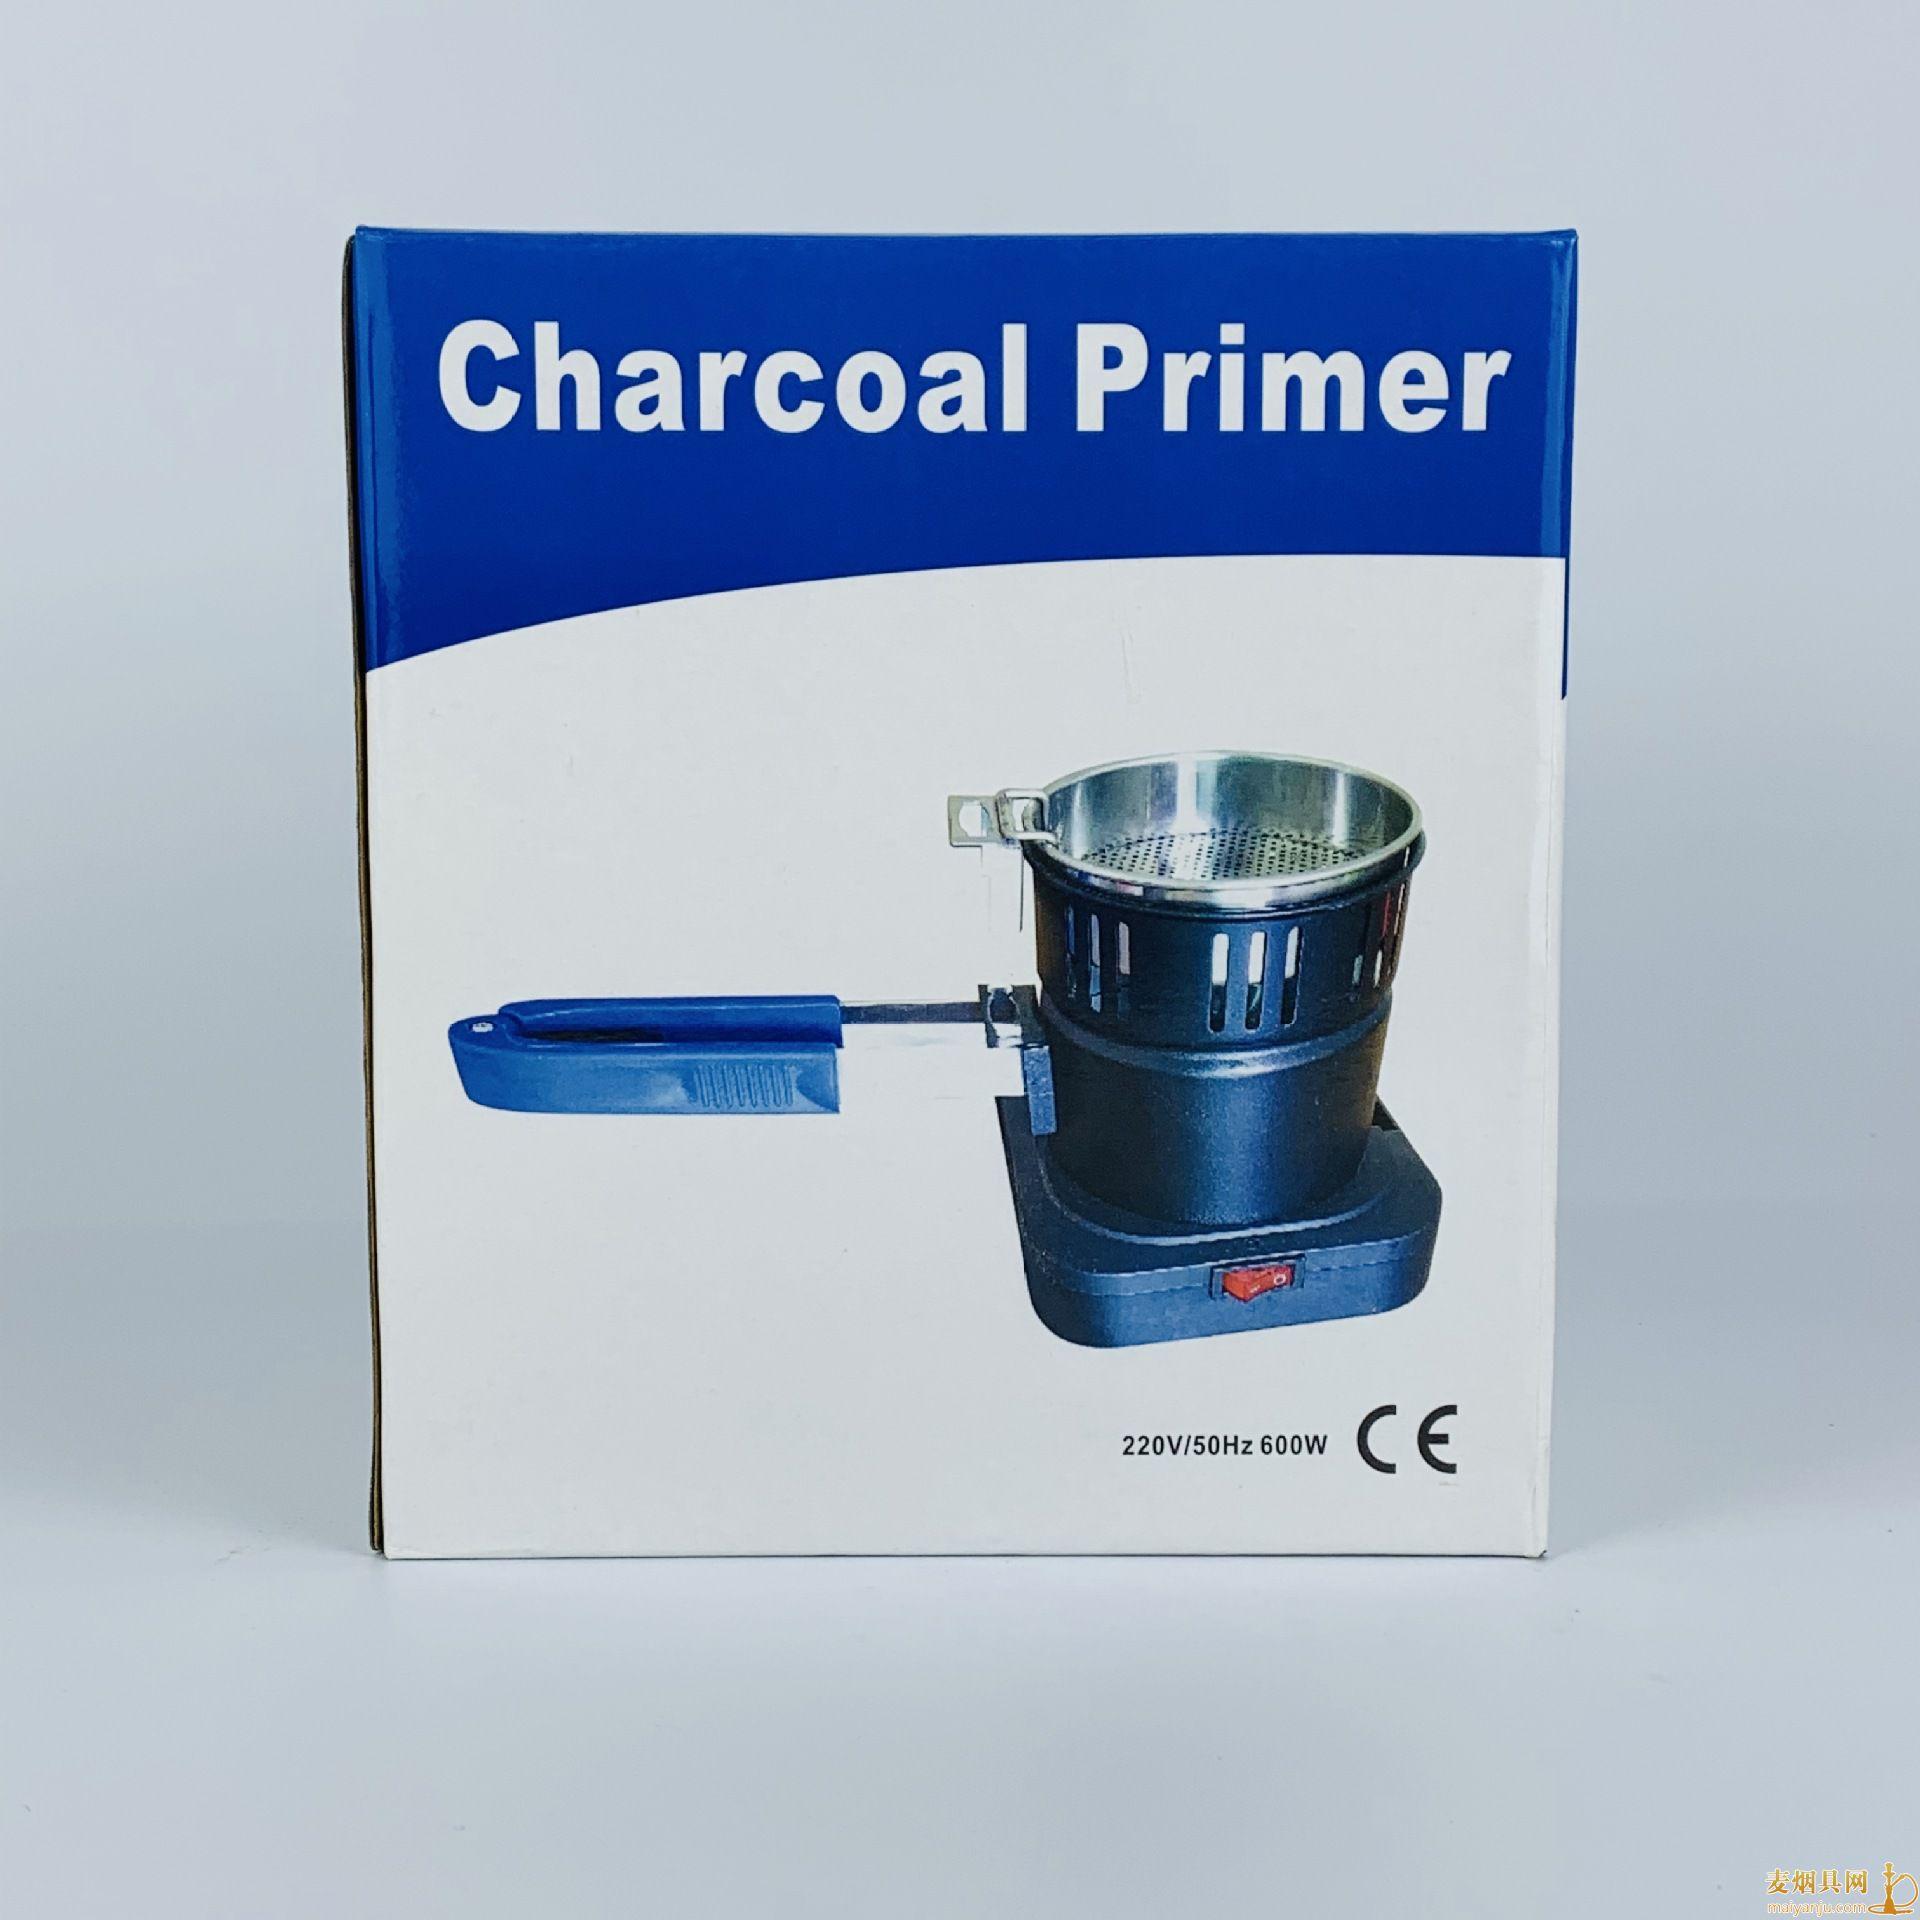 阿拉伯水烟壶夹子碳炉子图片价格批发